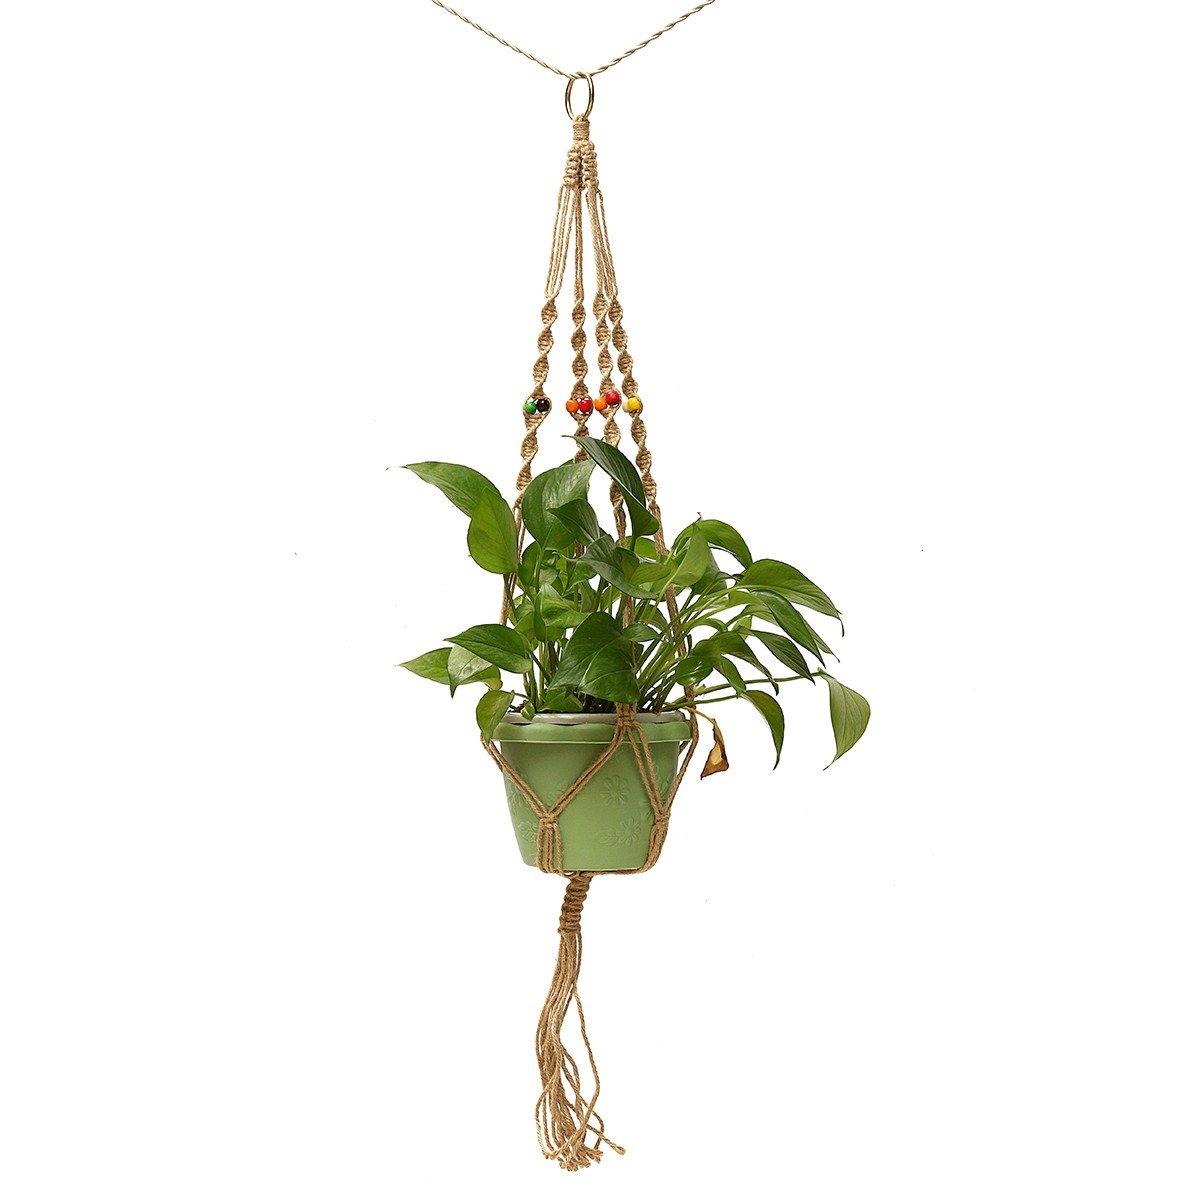 Jeteven 107cm Blumenampel Kordel aus Jute Seil Plant Hänger Hängepflanztopf,